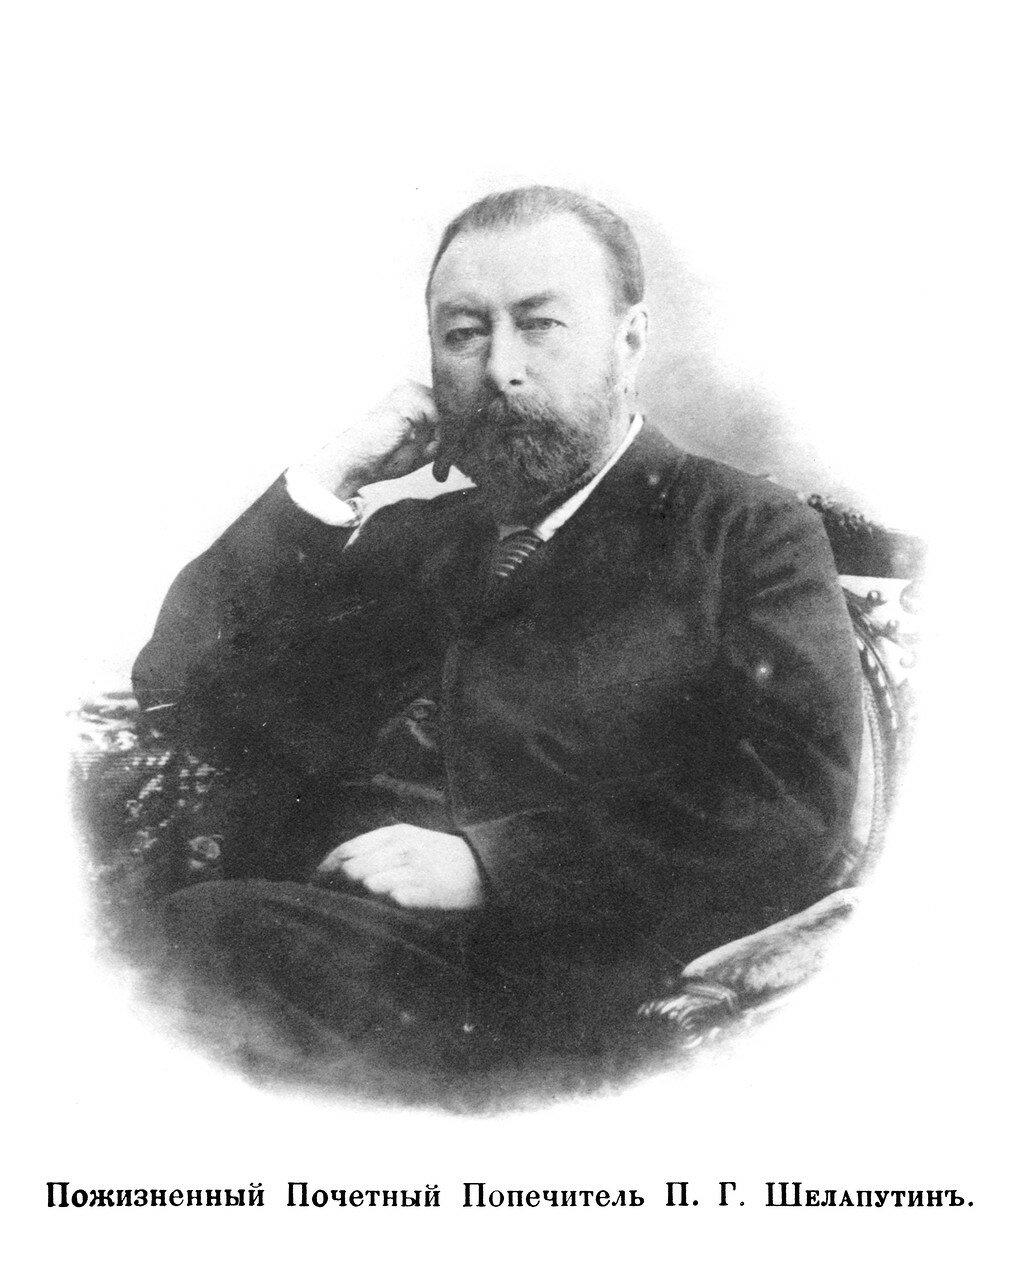 03. Пожизненный Почетный Попечитель П. Г. Шелапутин